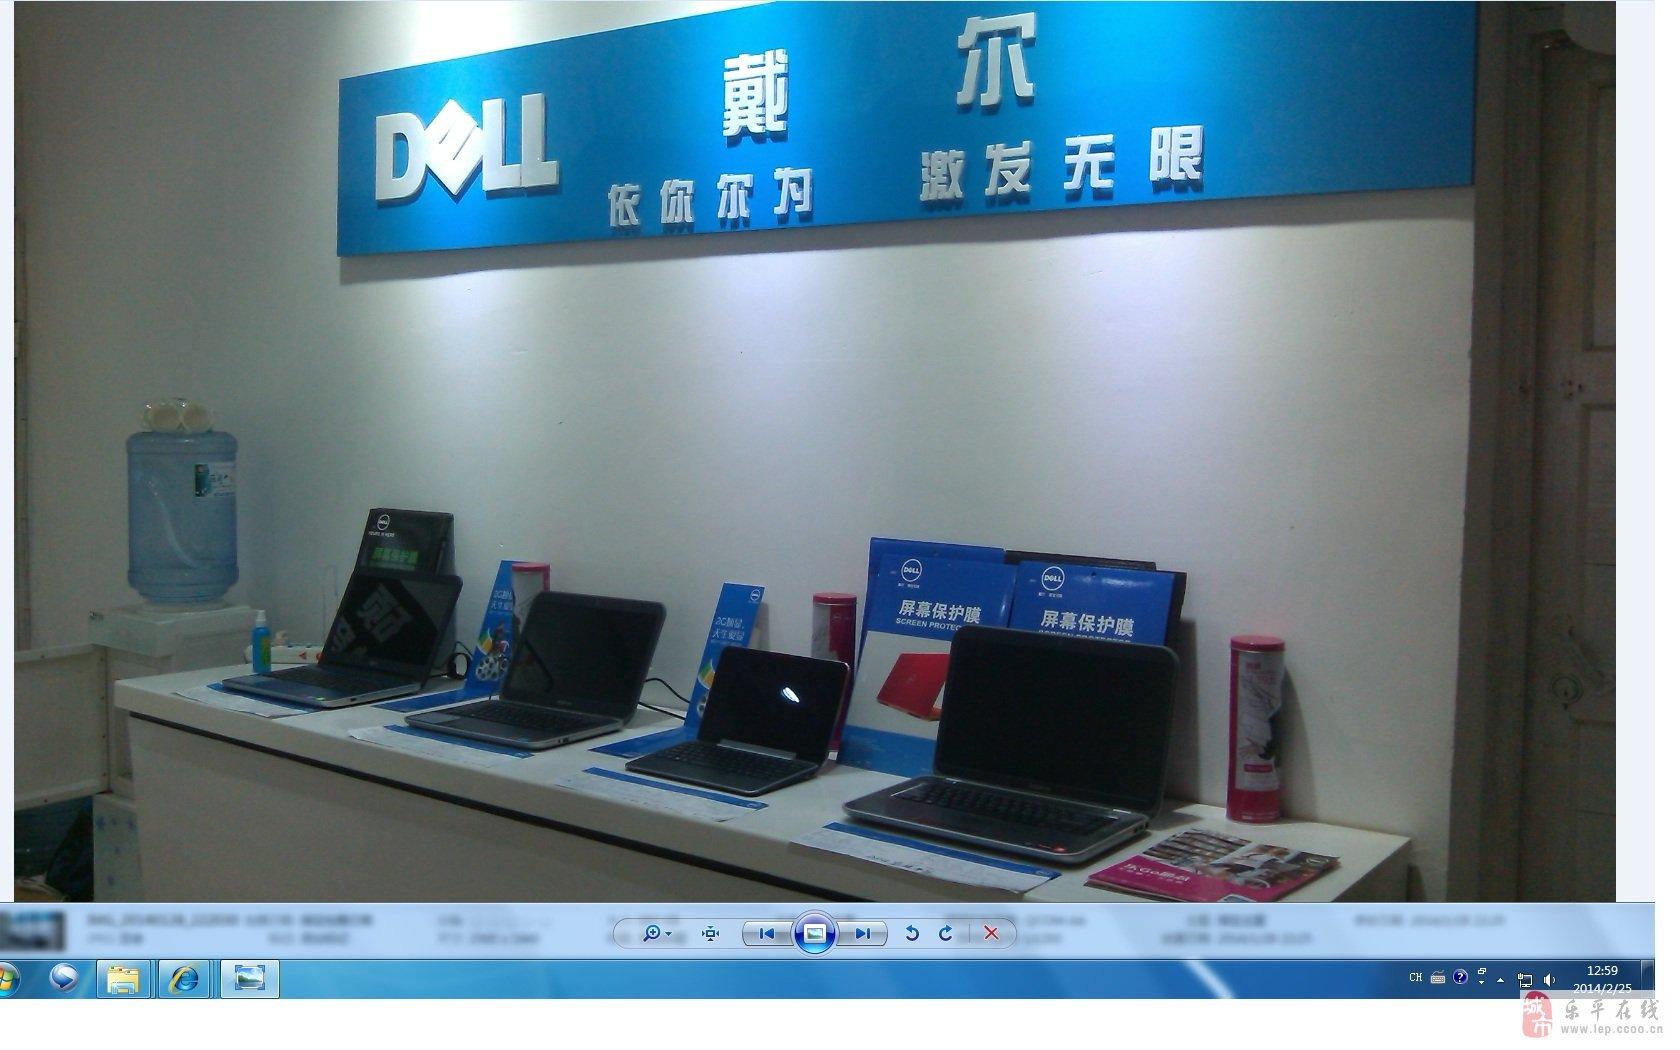 戴尔华硕苹果惠普联想电脑维修